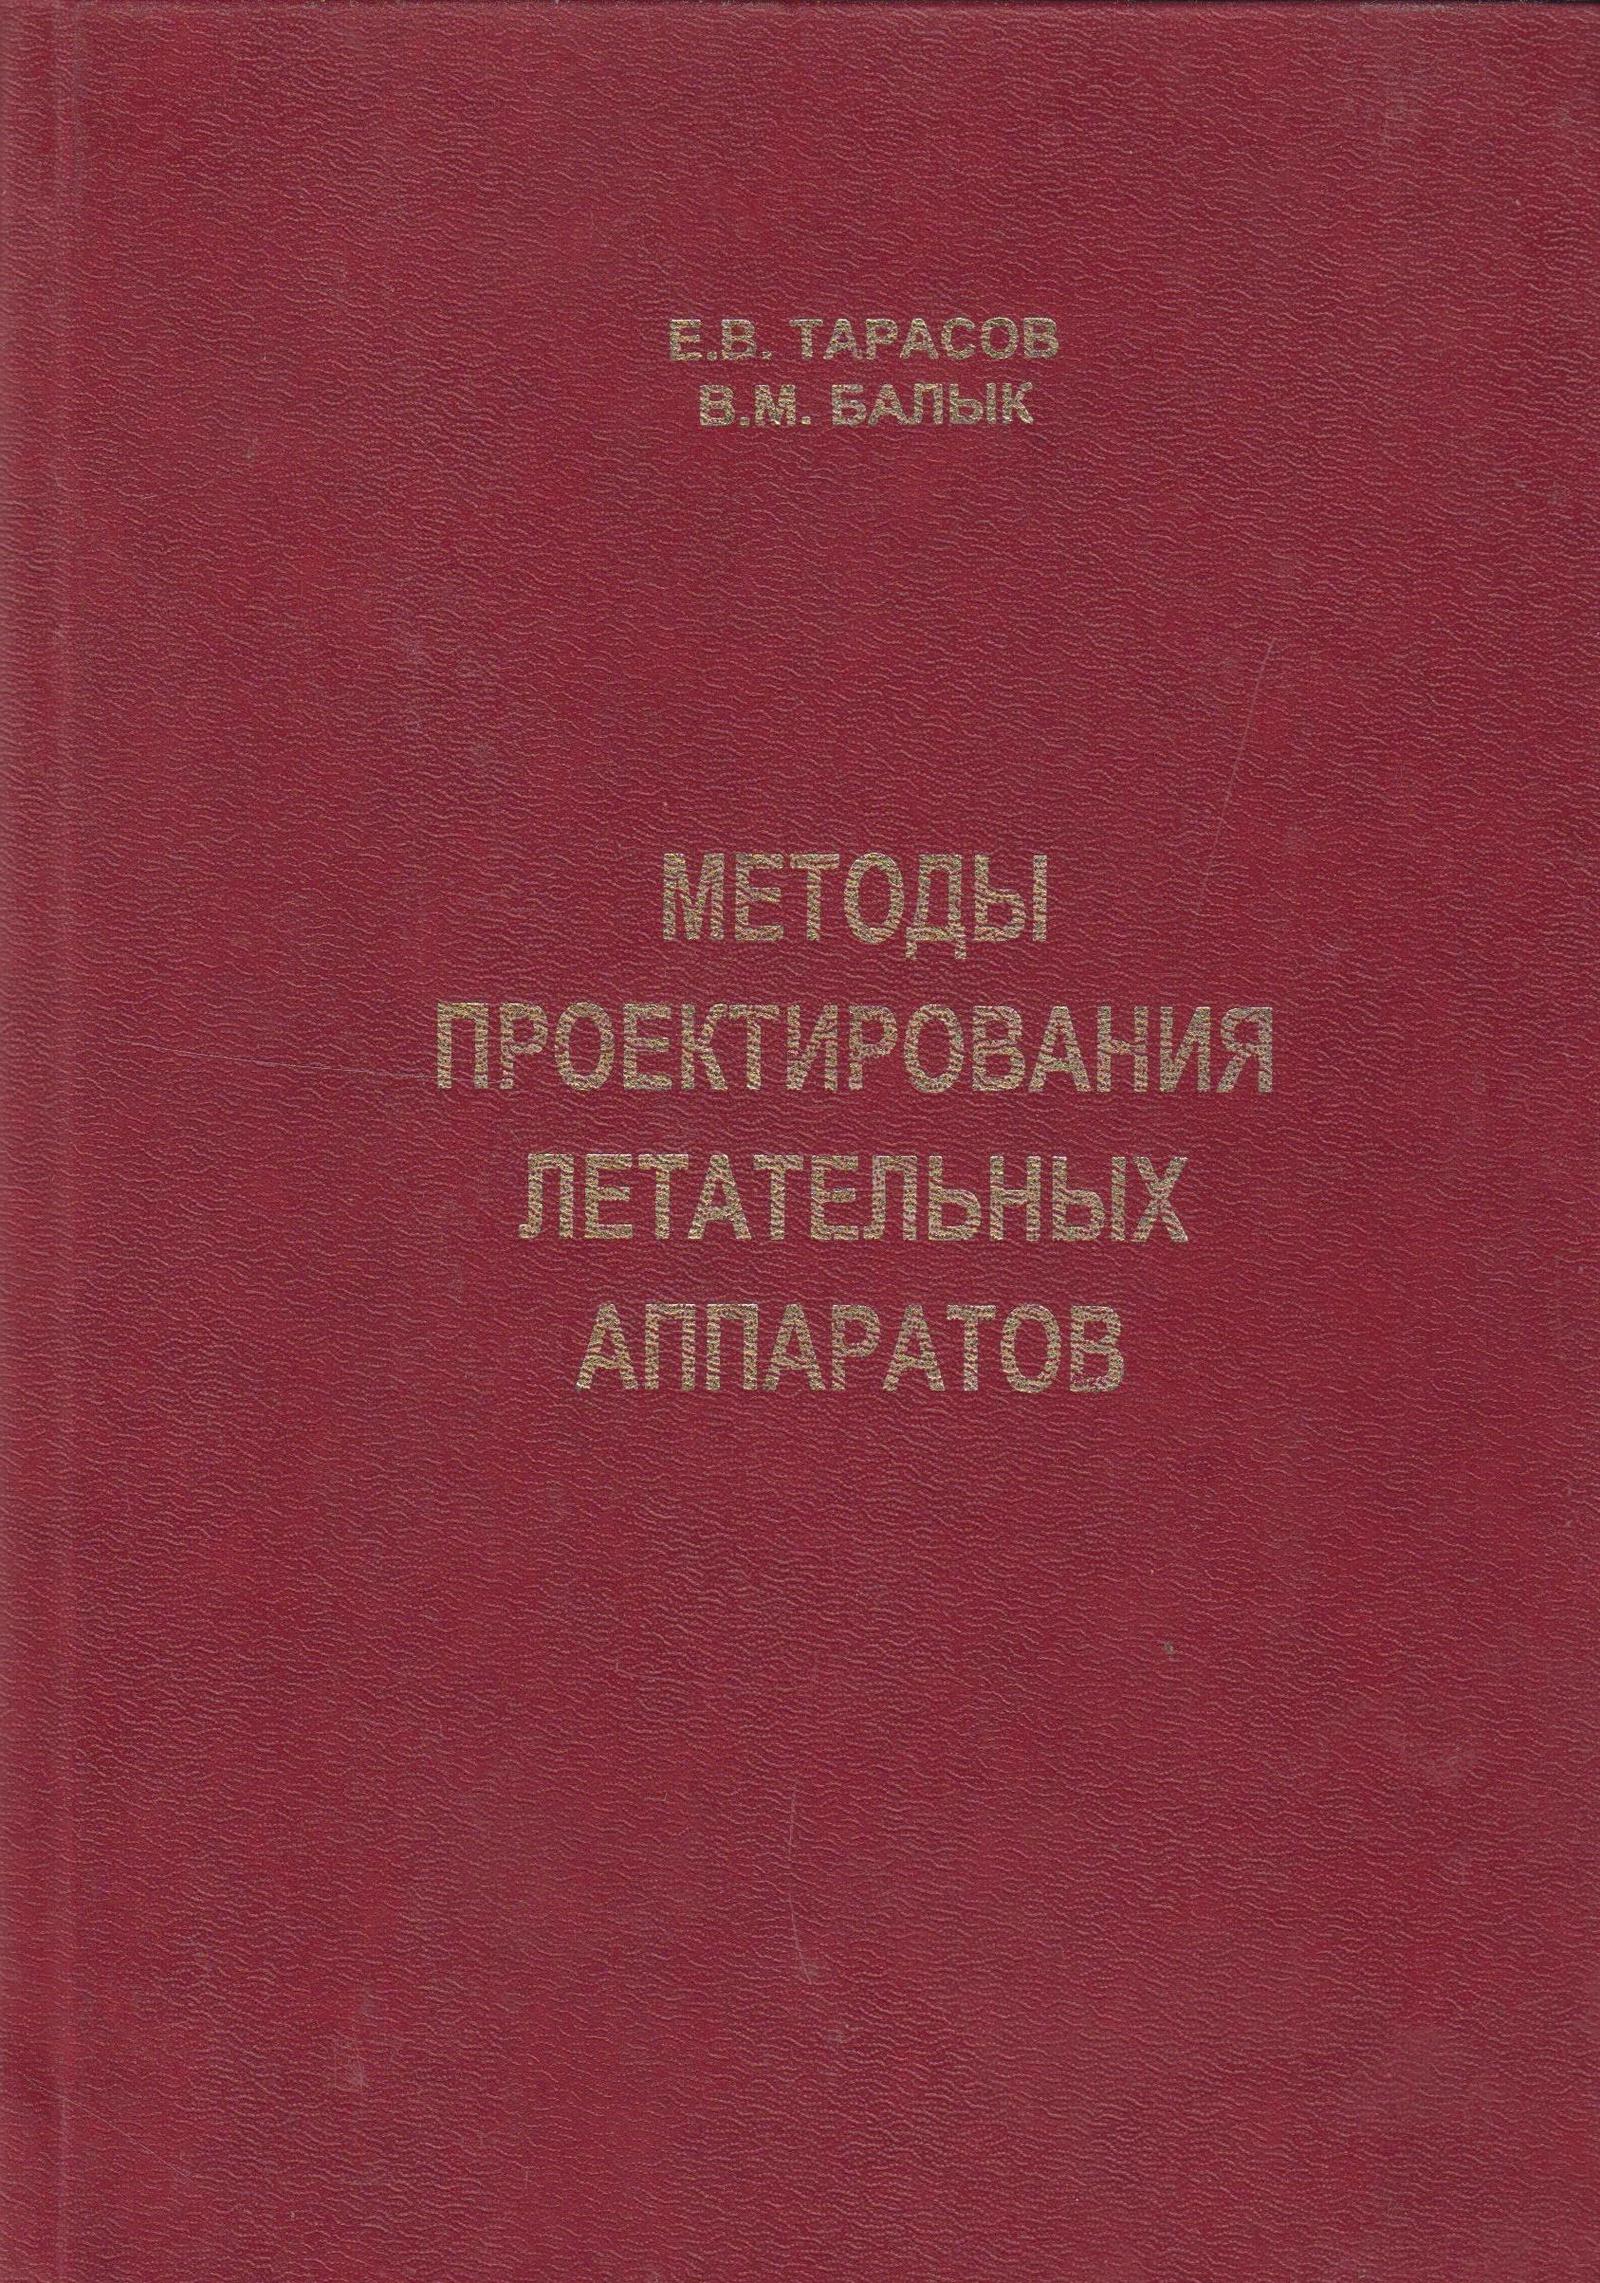 Тарасов Евгений Васильевич Методы проектирования летательных аппаратов